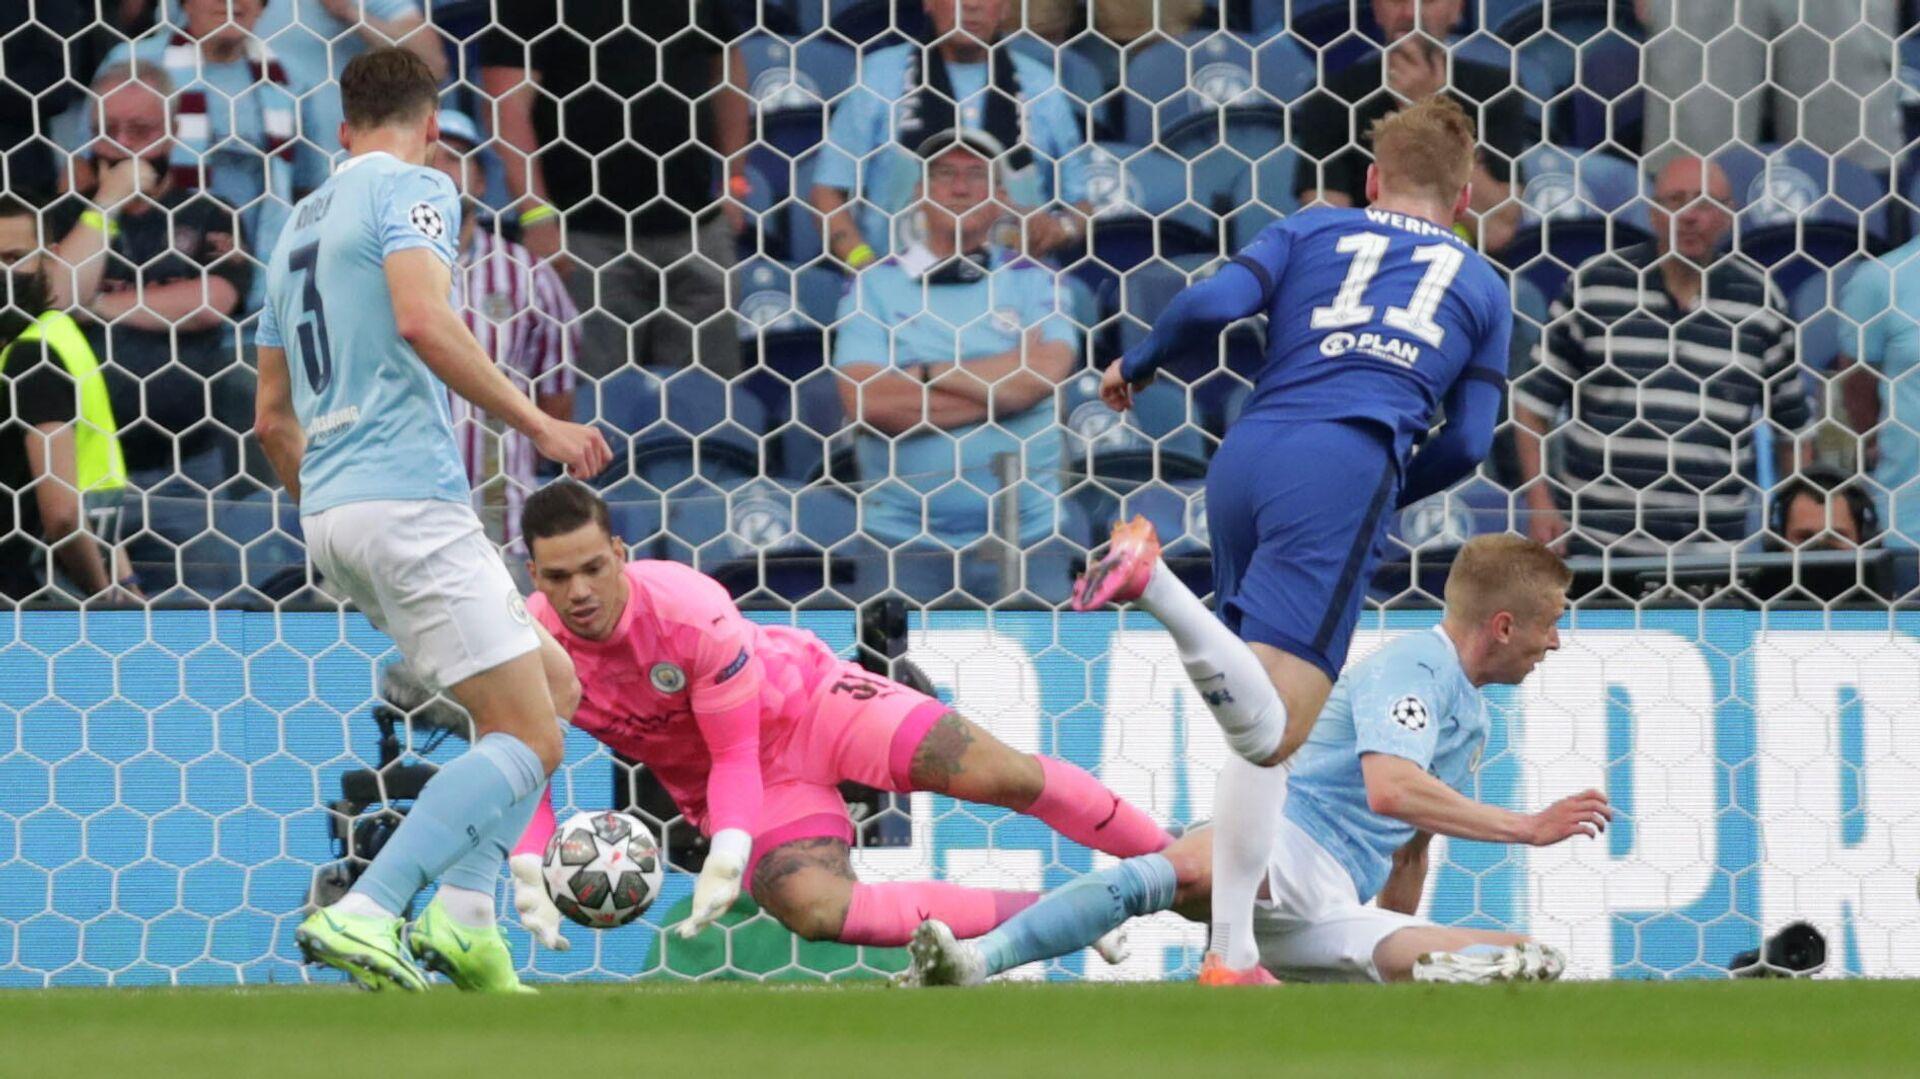 Timo Werner, delantero del Chelsea, intenta marcar un gol durante la final de la Liga de Campeones de la UEFA en Porto (Portugal), el 29 de mayo del 2021 - Sputnik Mundo, 1920, 30.05.2021